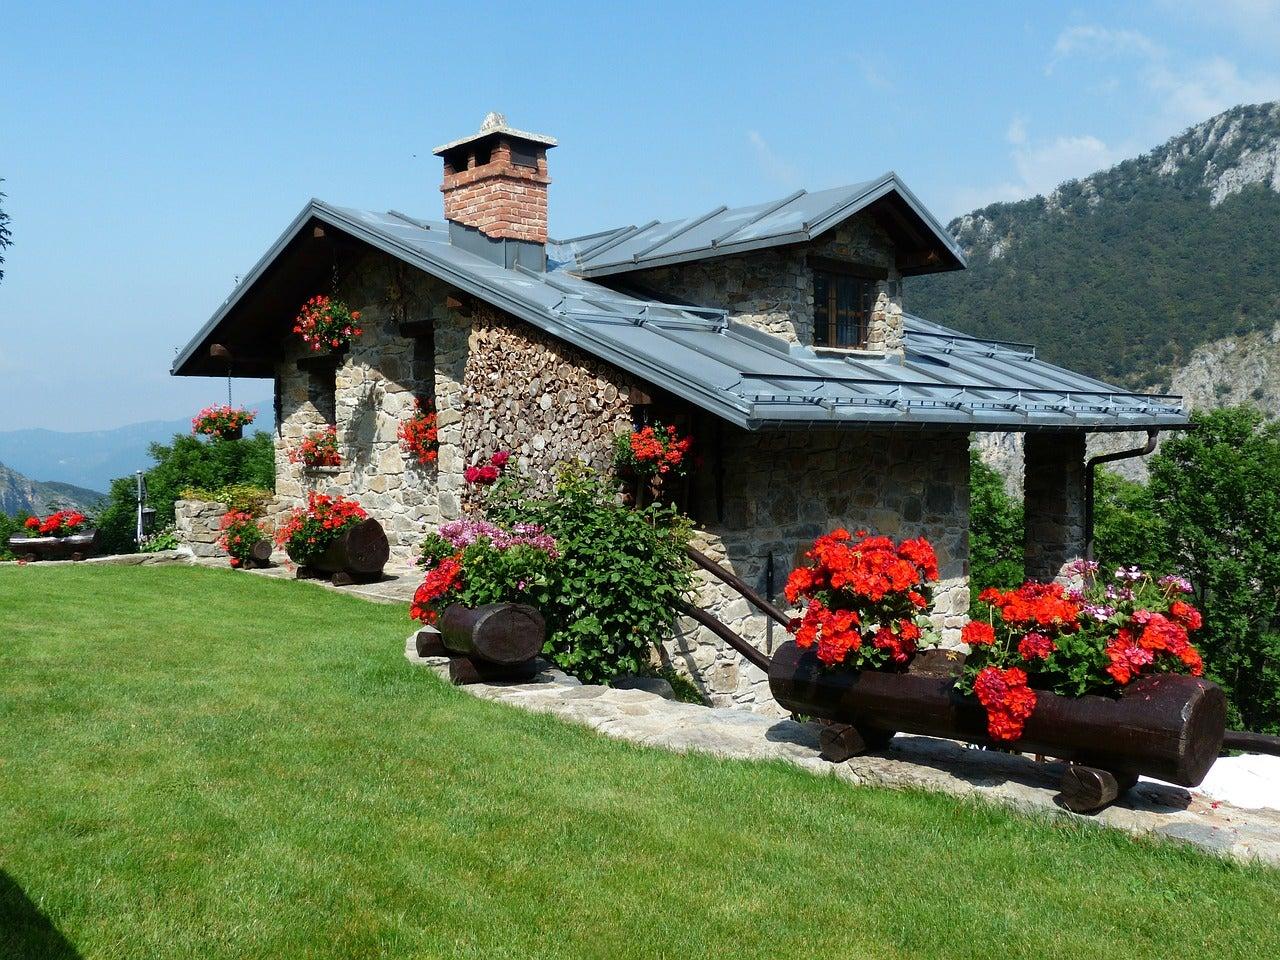 Intercambia tu casa y disfruta de unas vacaciones gratis